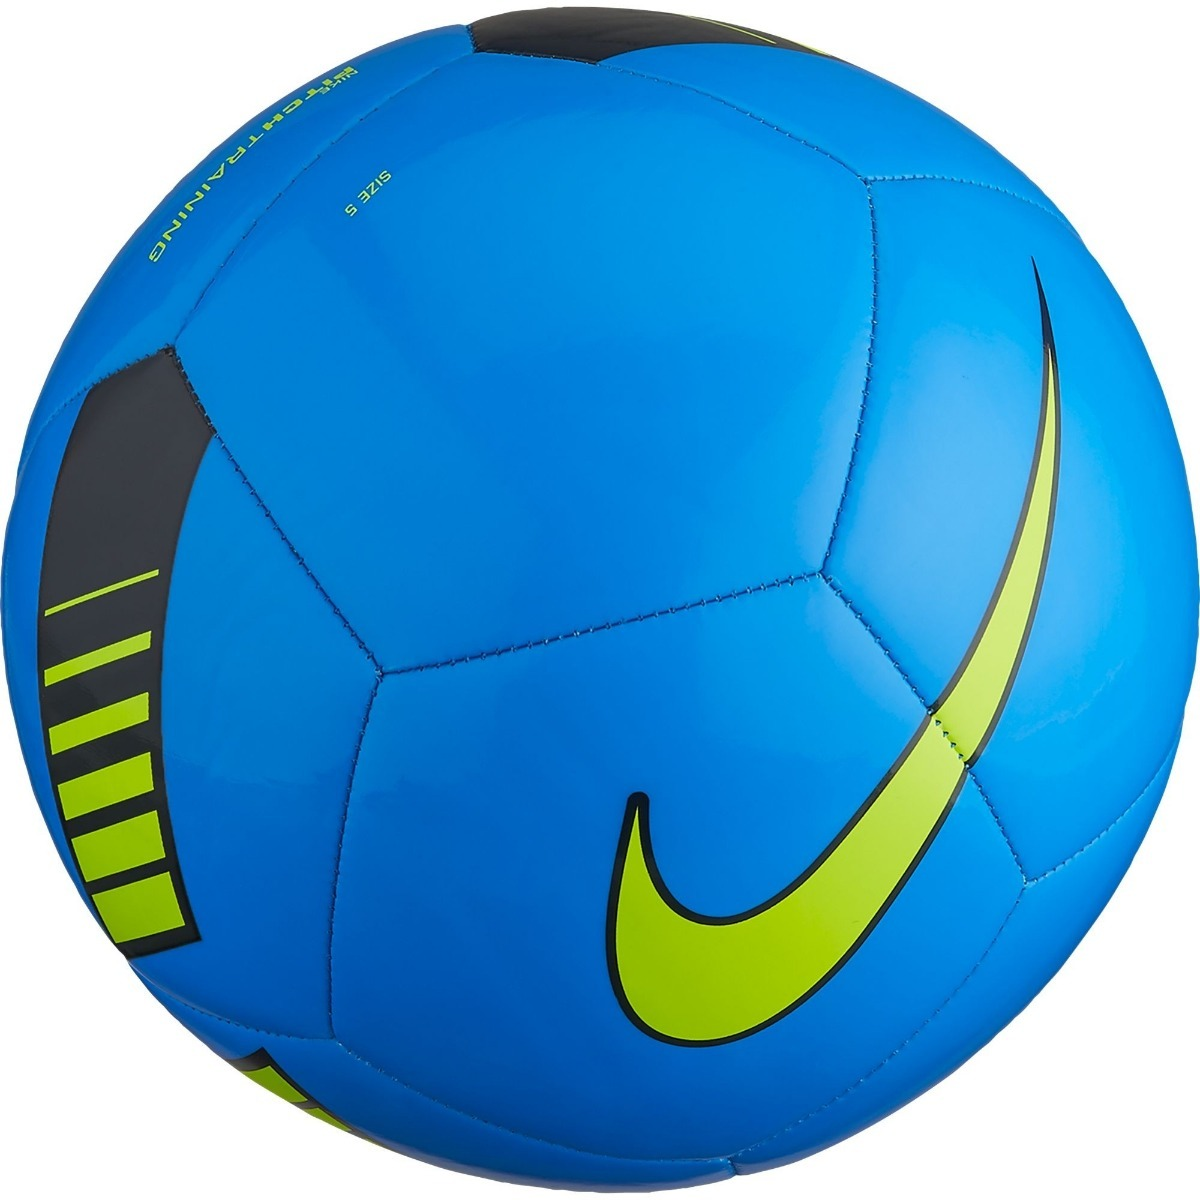 Balón De Fútbol Nike Pitch Training Talla 5 -   69.990 en Mercado Libre 4c201ede7bdc1